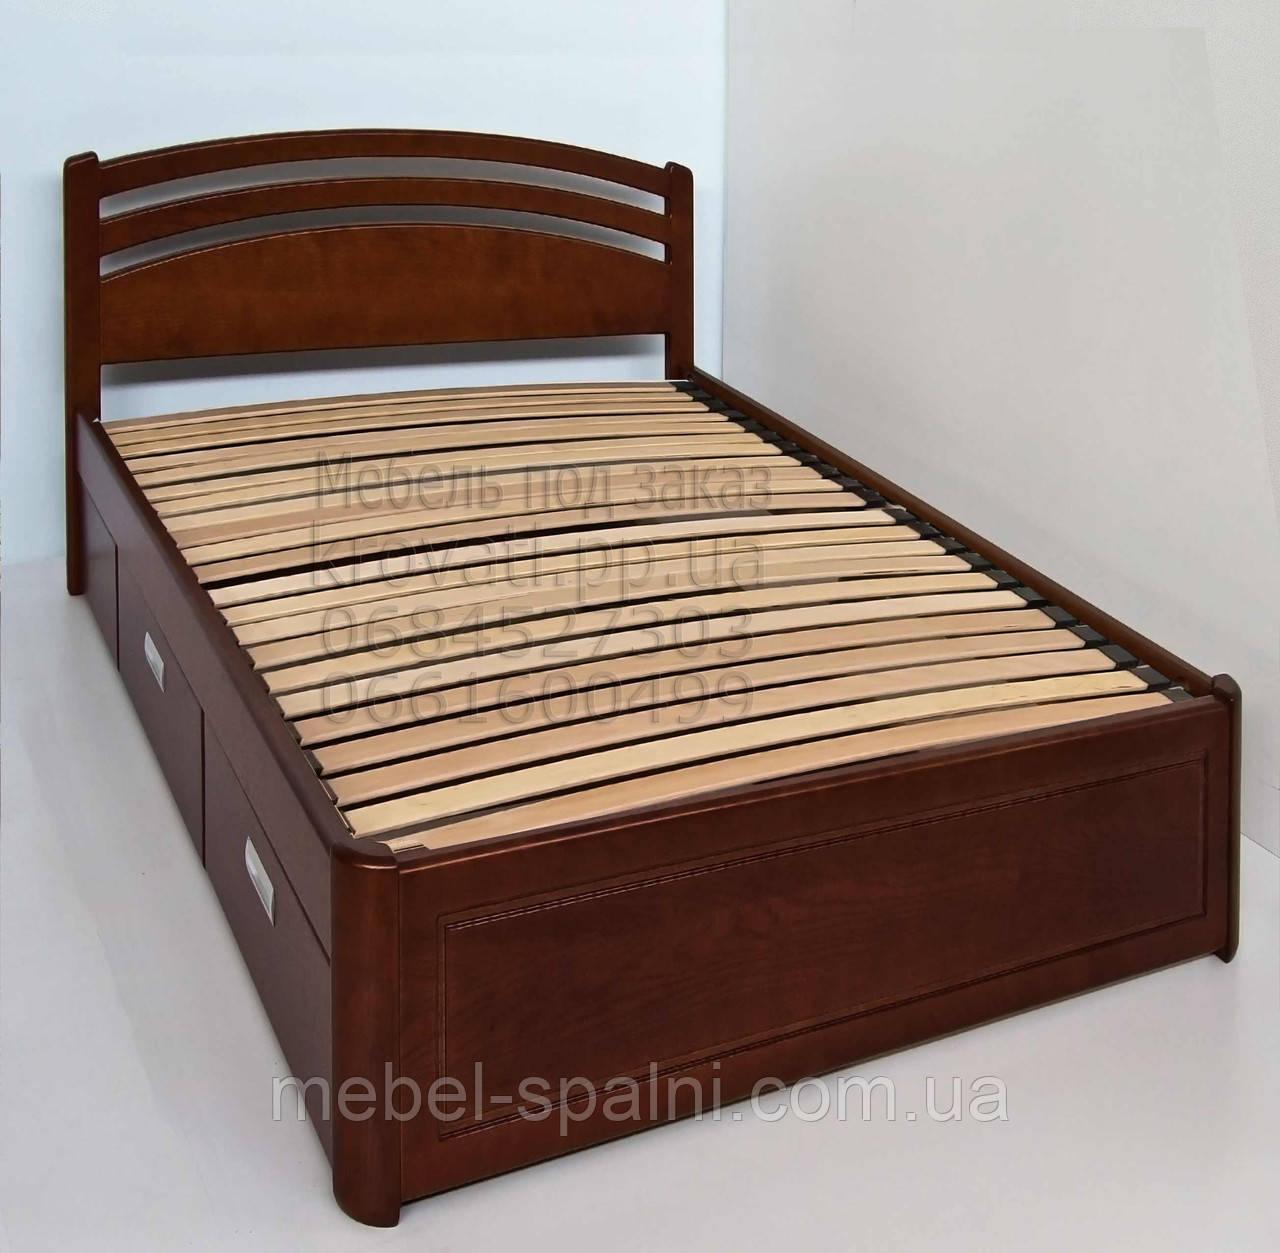 купить кровать в днепропетровске деревянная односпальная с ящиками